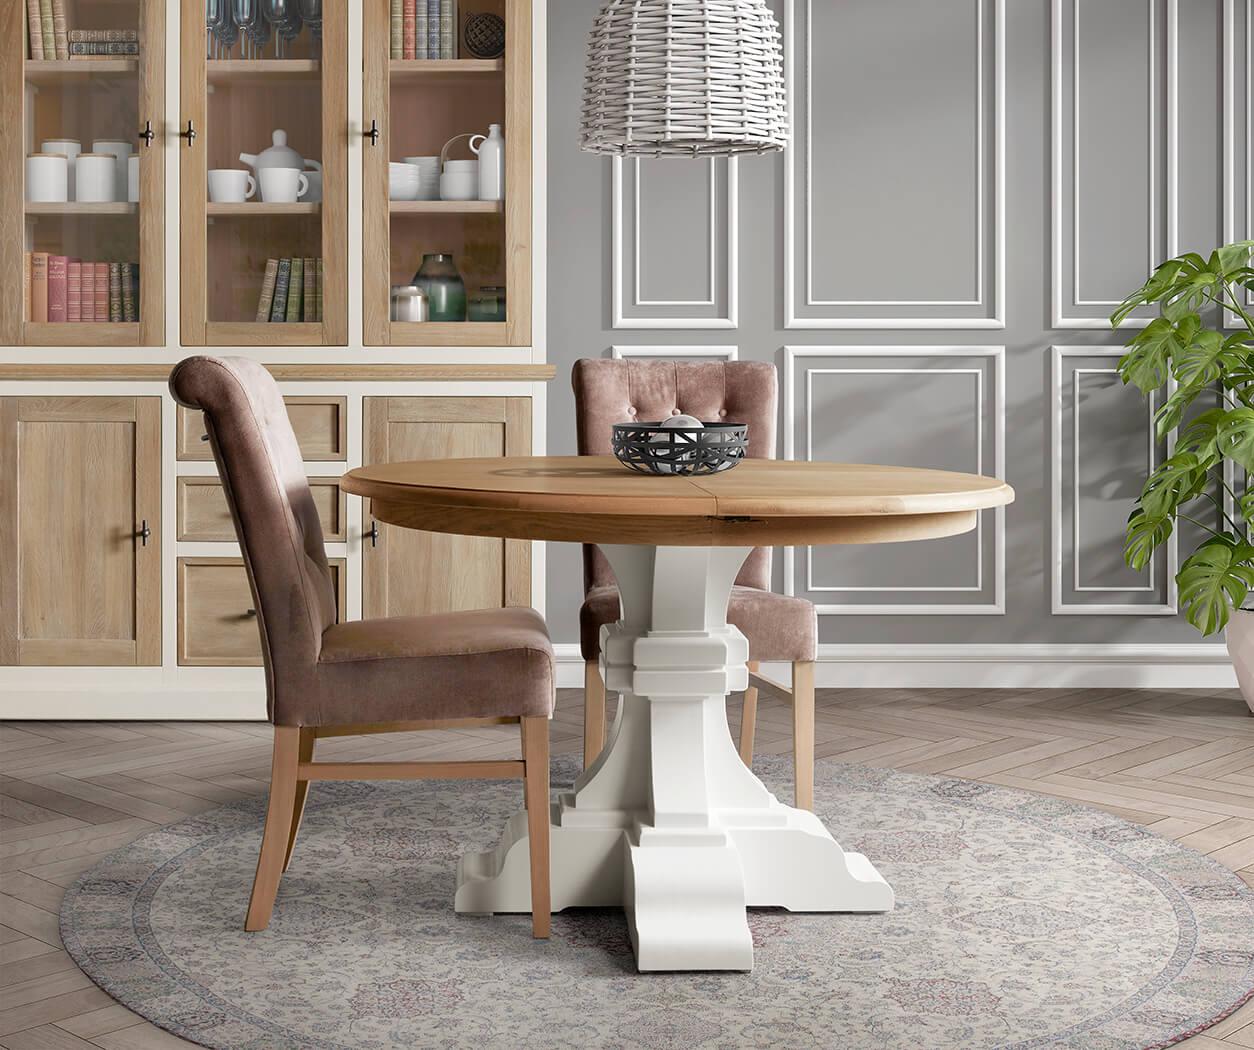 kloosterpoot tafels rond of ovaal in diverse kleuren